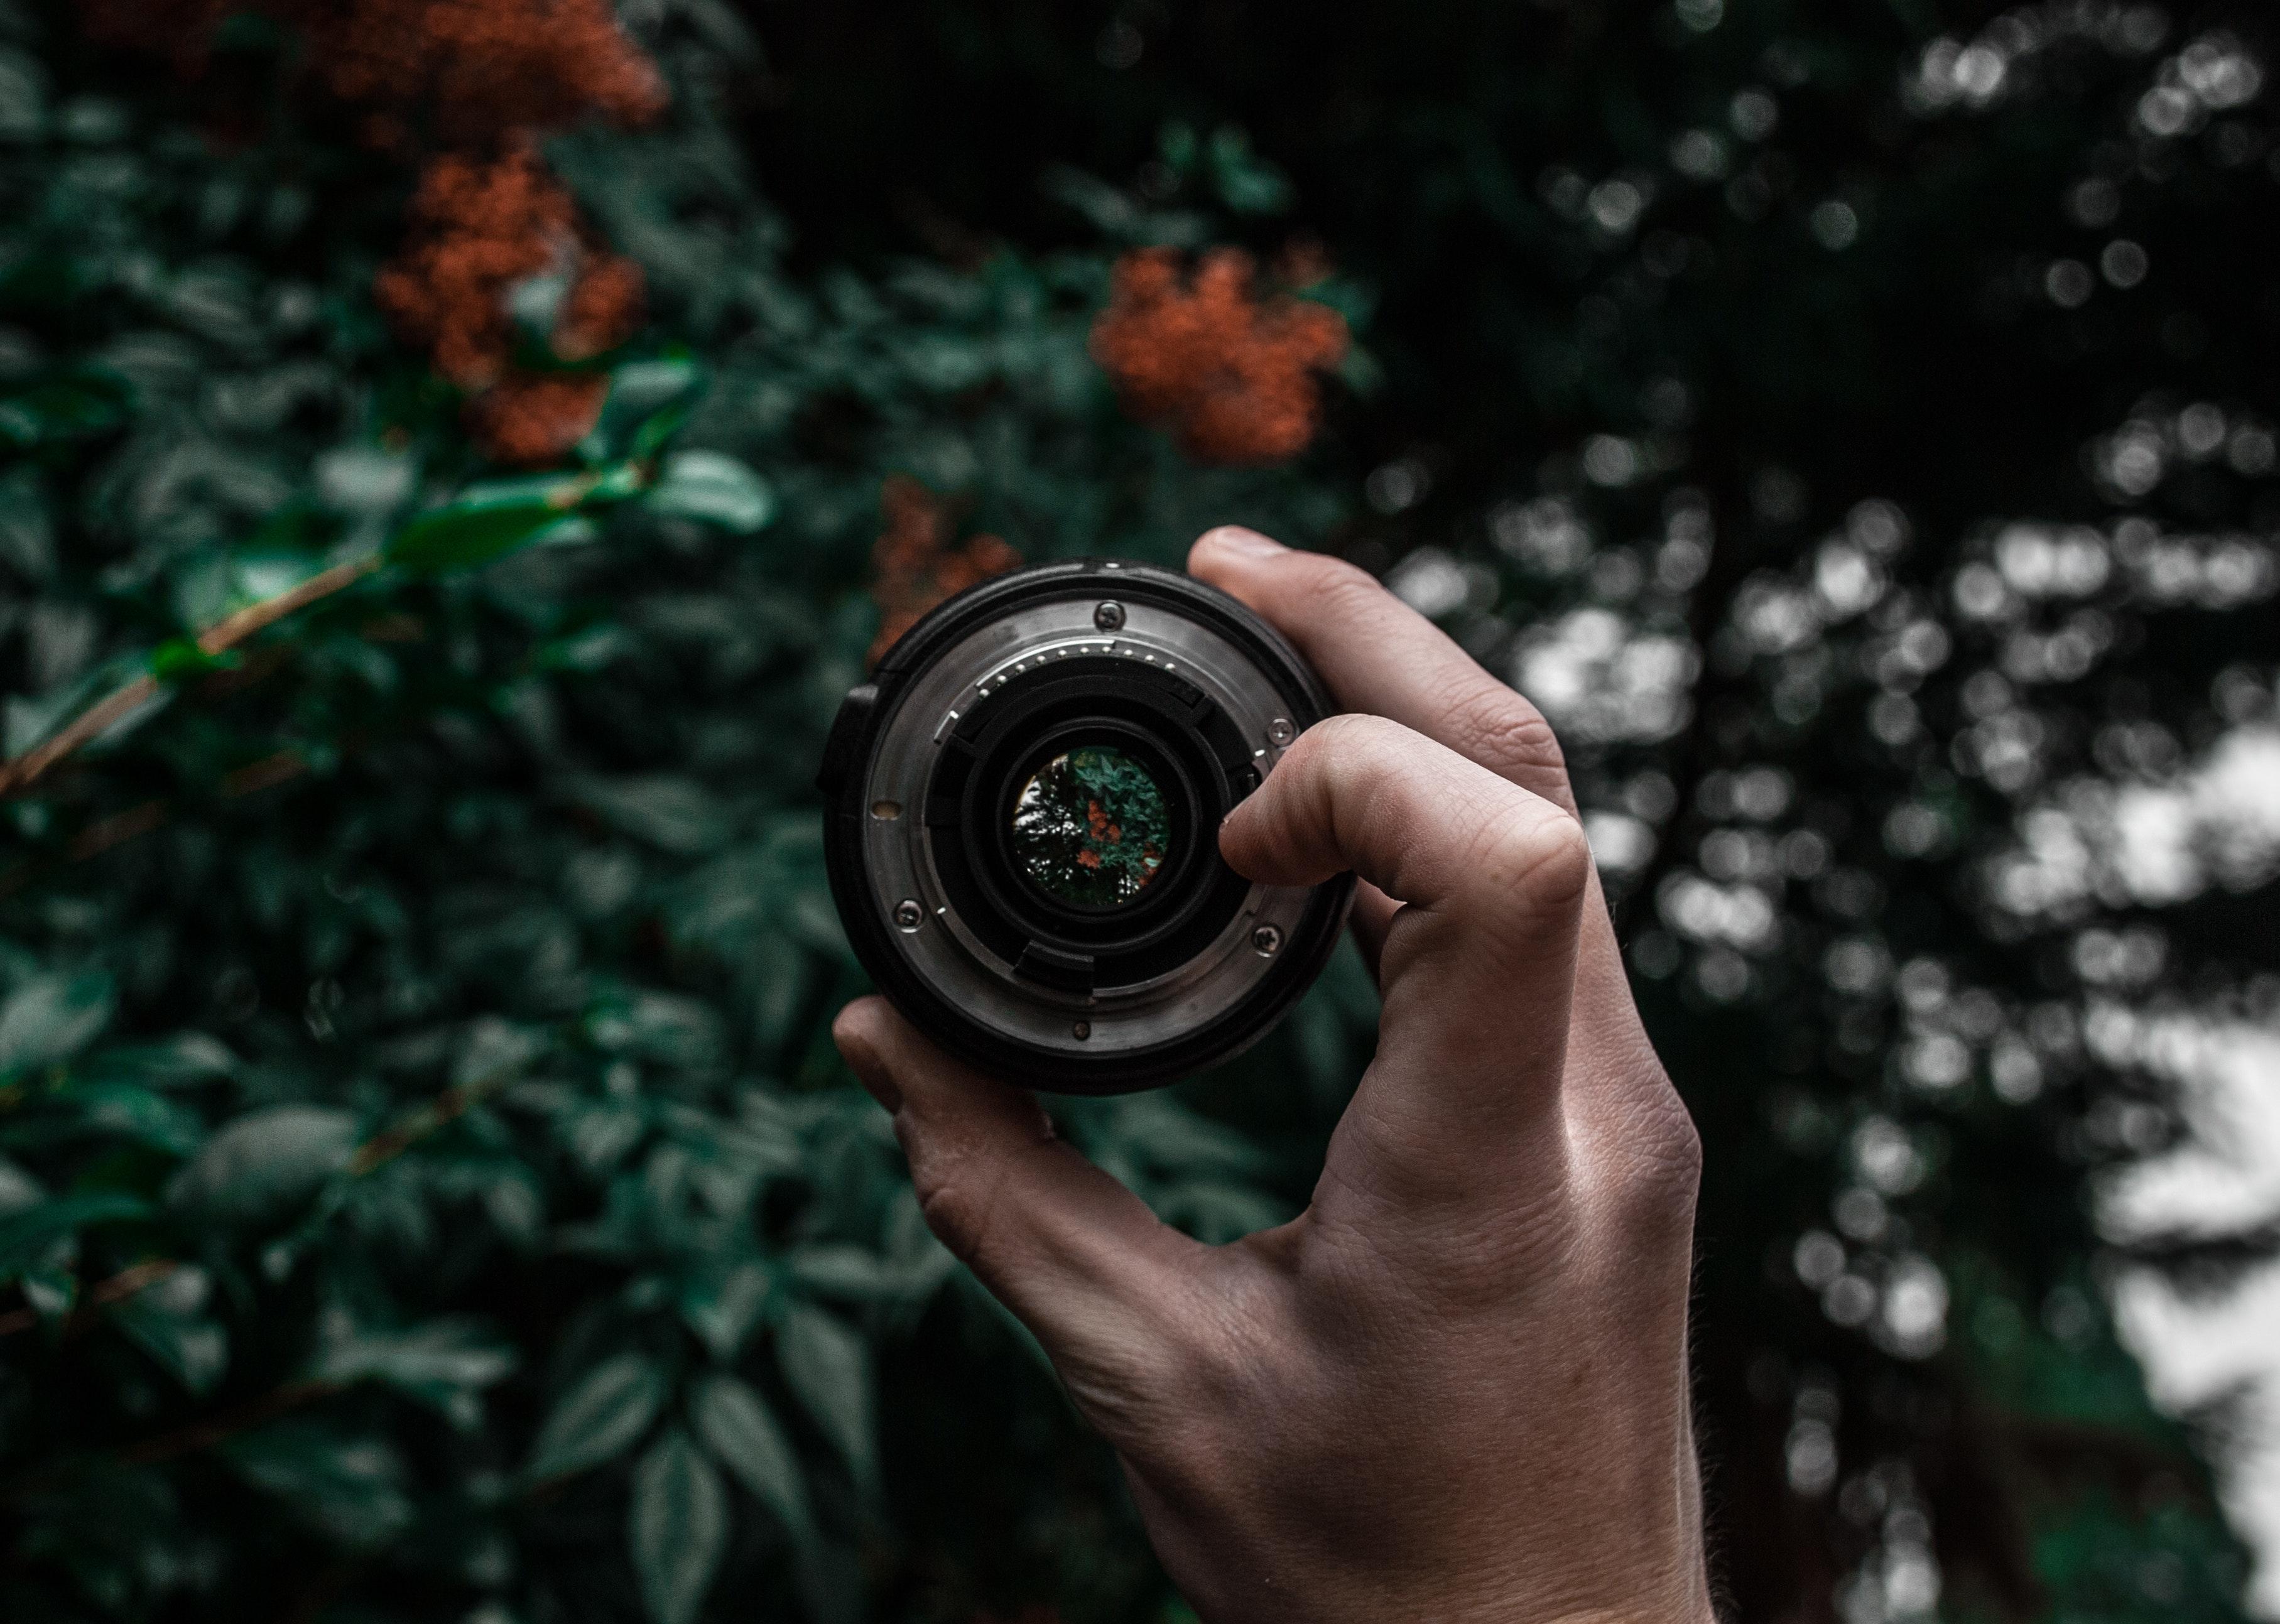 успокаивает снижает фотоаппарат четкость снимков комфортно перемещаться